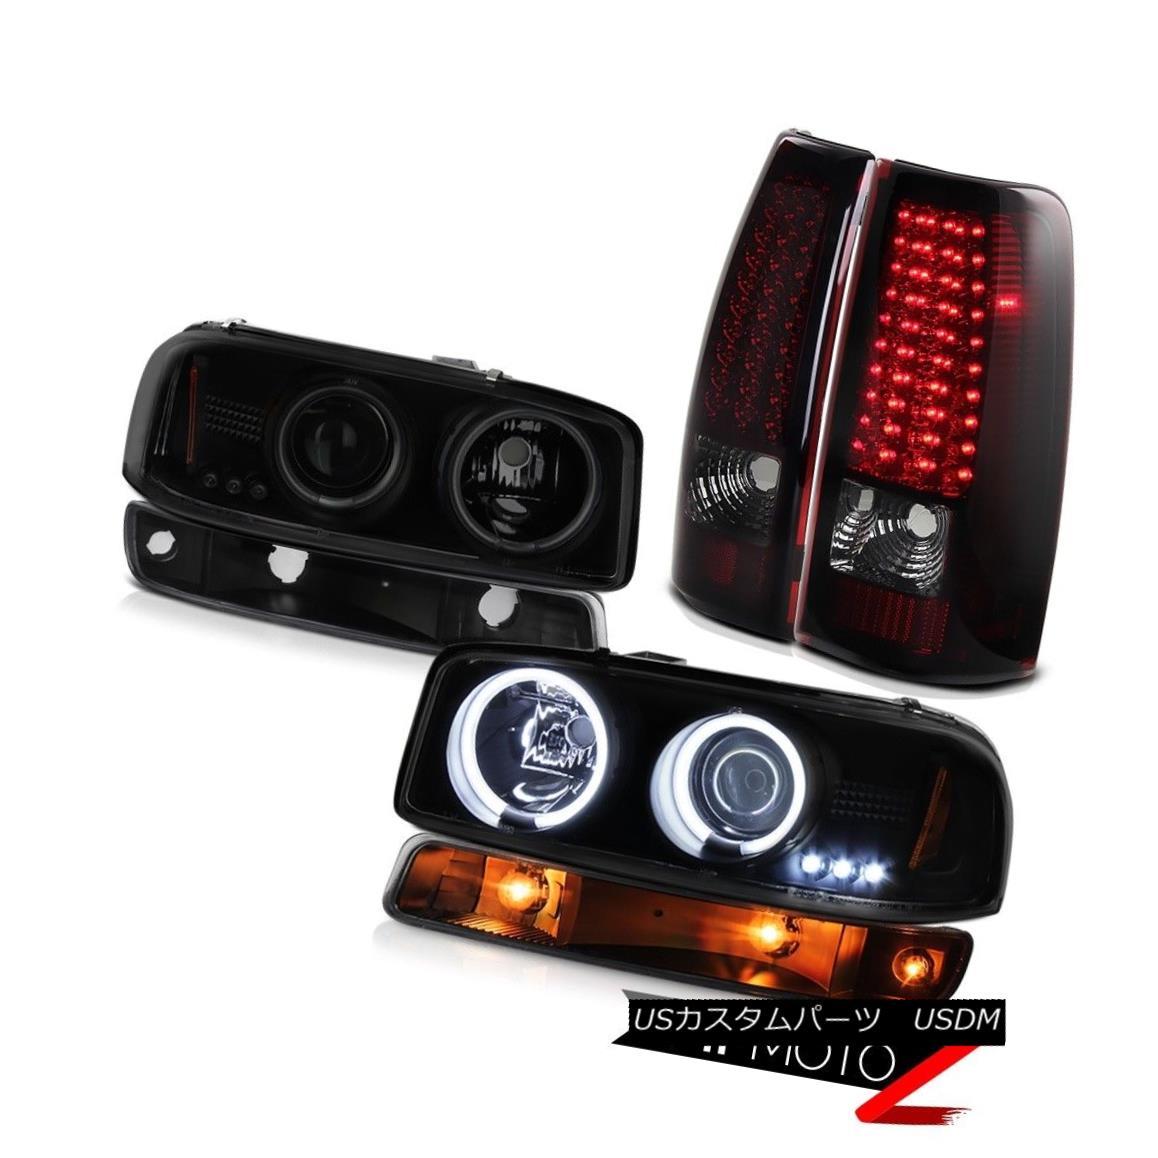 テールライト 1999-2002 Sierra 2500 LED parking brake lights light dark tinted ccfl Headlamps 1999-2002 Sierra 2500 LEDパーキングブレーキライトライトダークティンテッドccflヘッドランプ